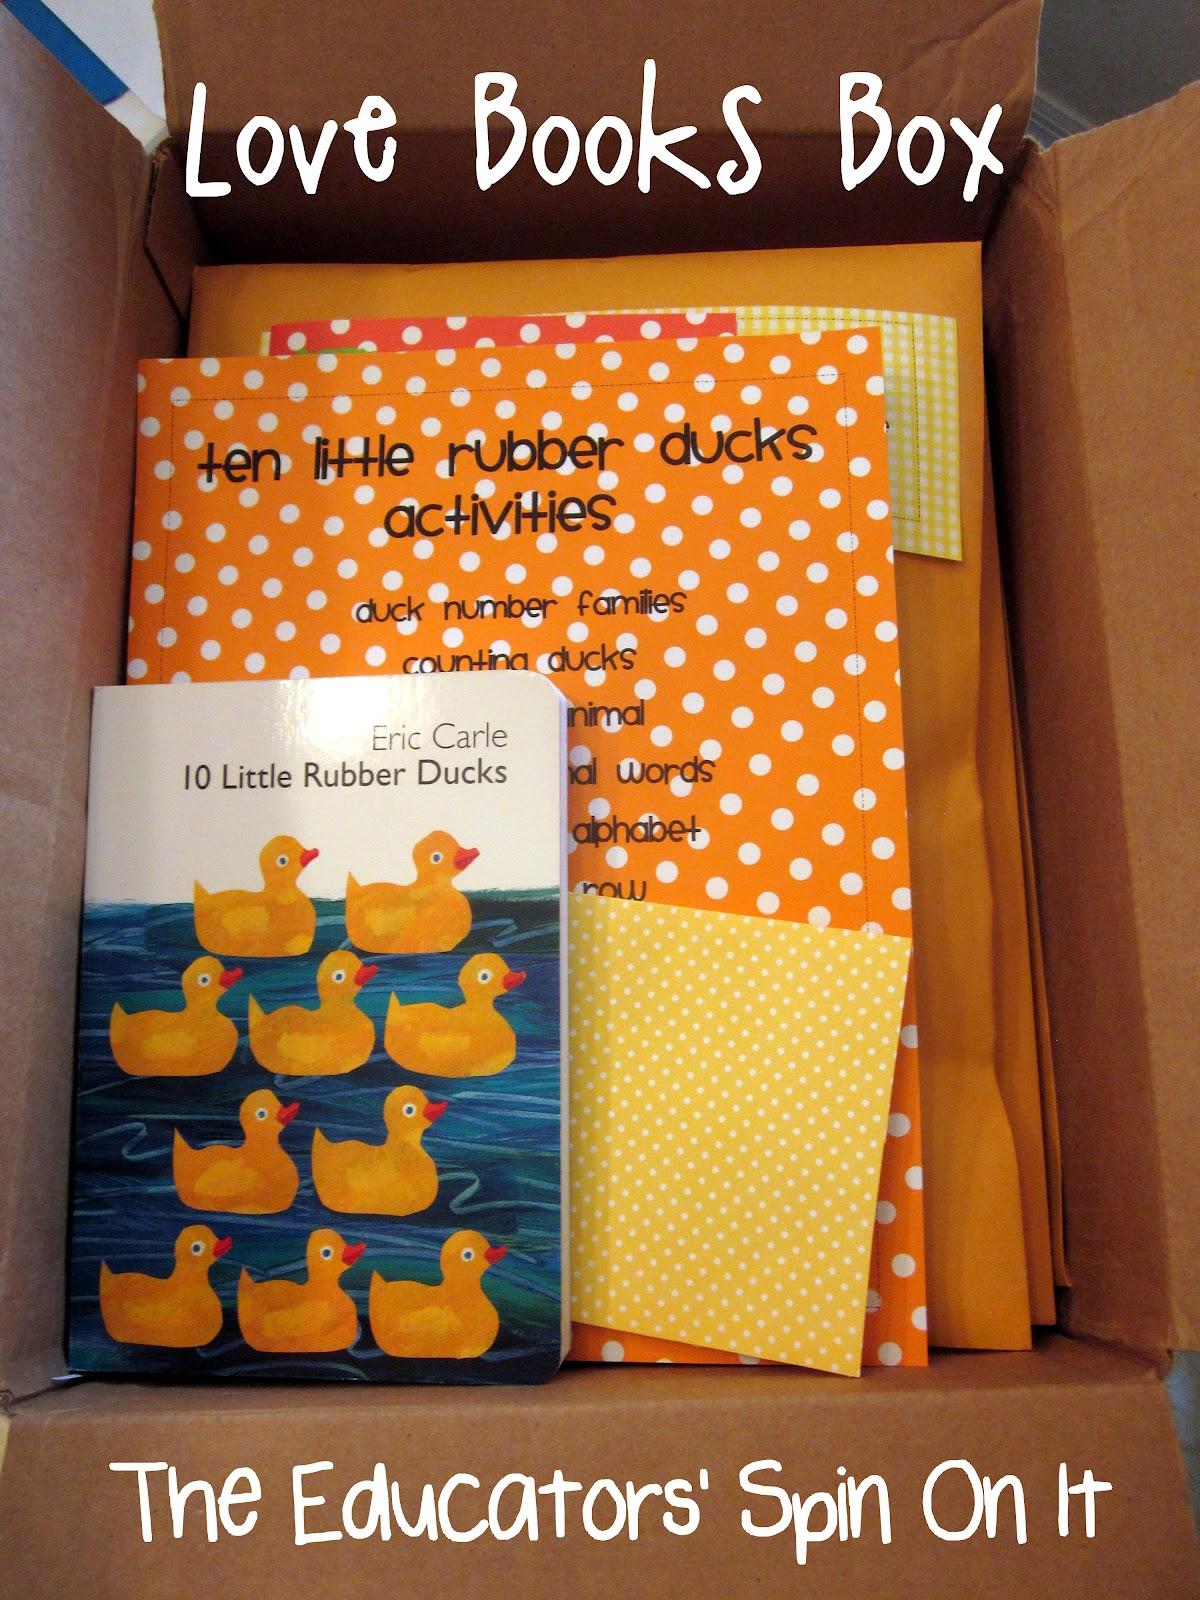 Ten Little Rubber Ducks Activities